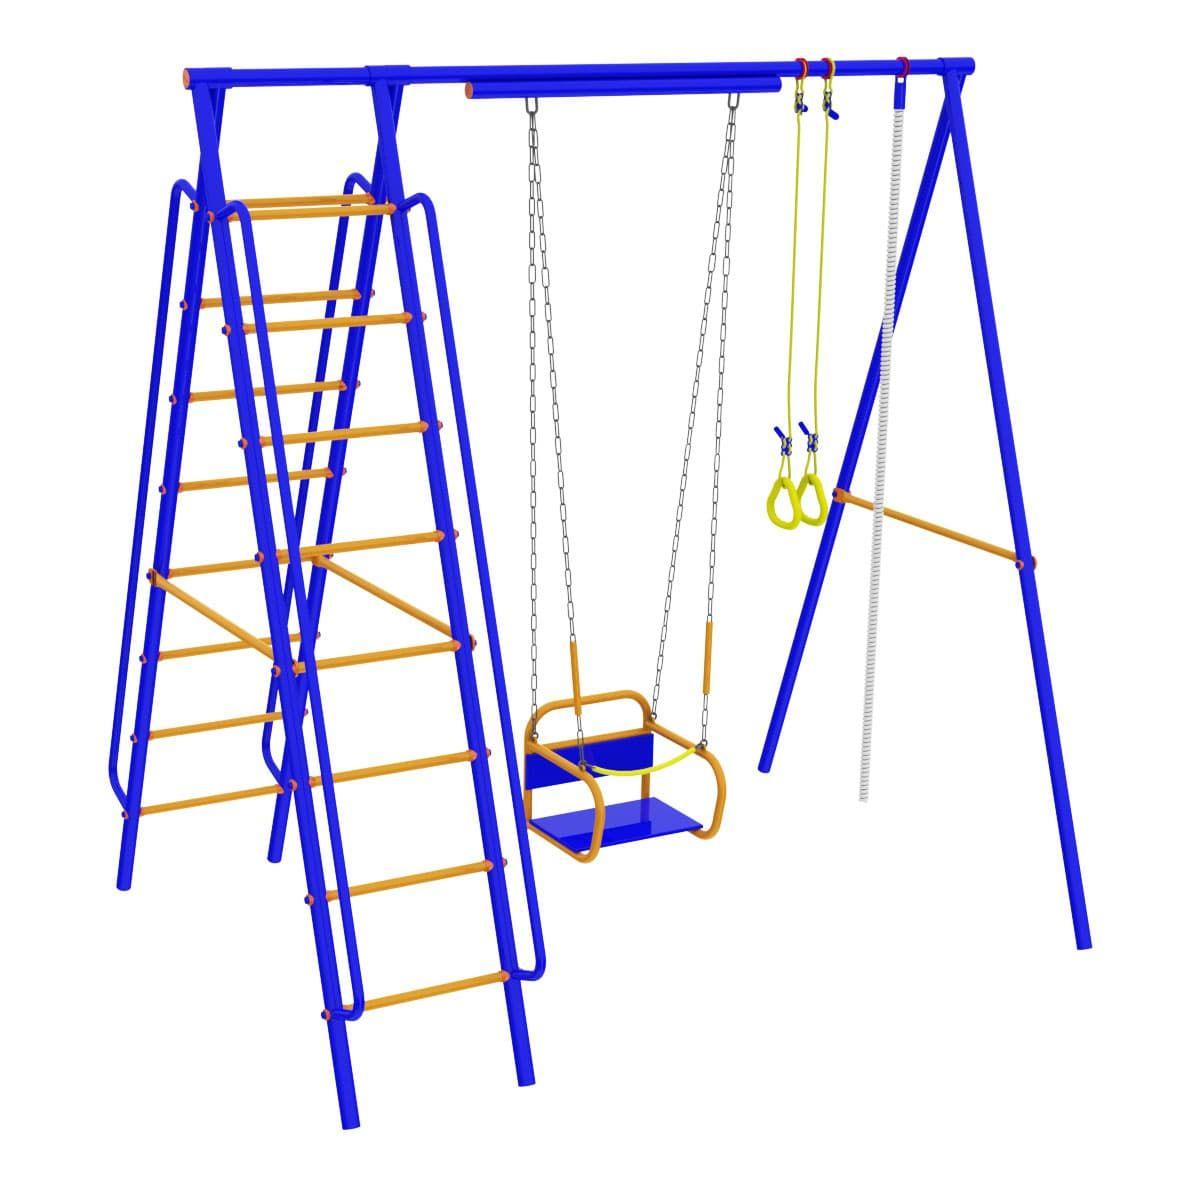 Детский спортивный комплекс для дачи -  Модель №4 с качелями на подшипниках